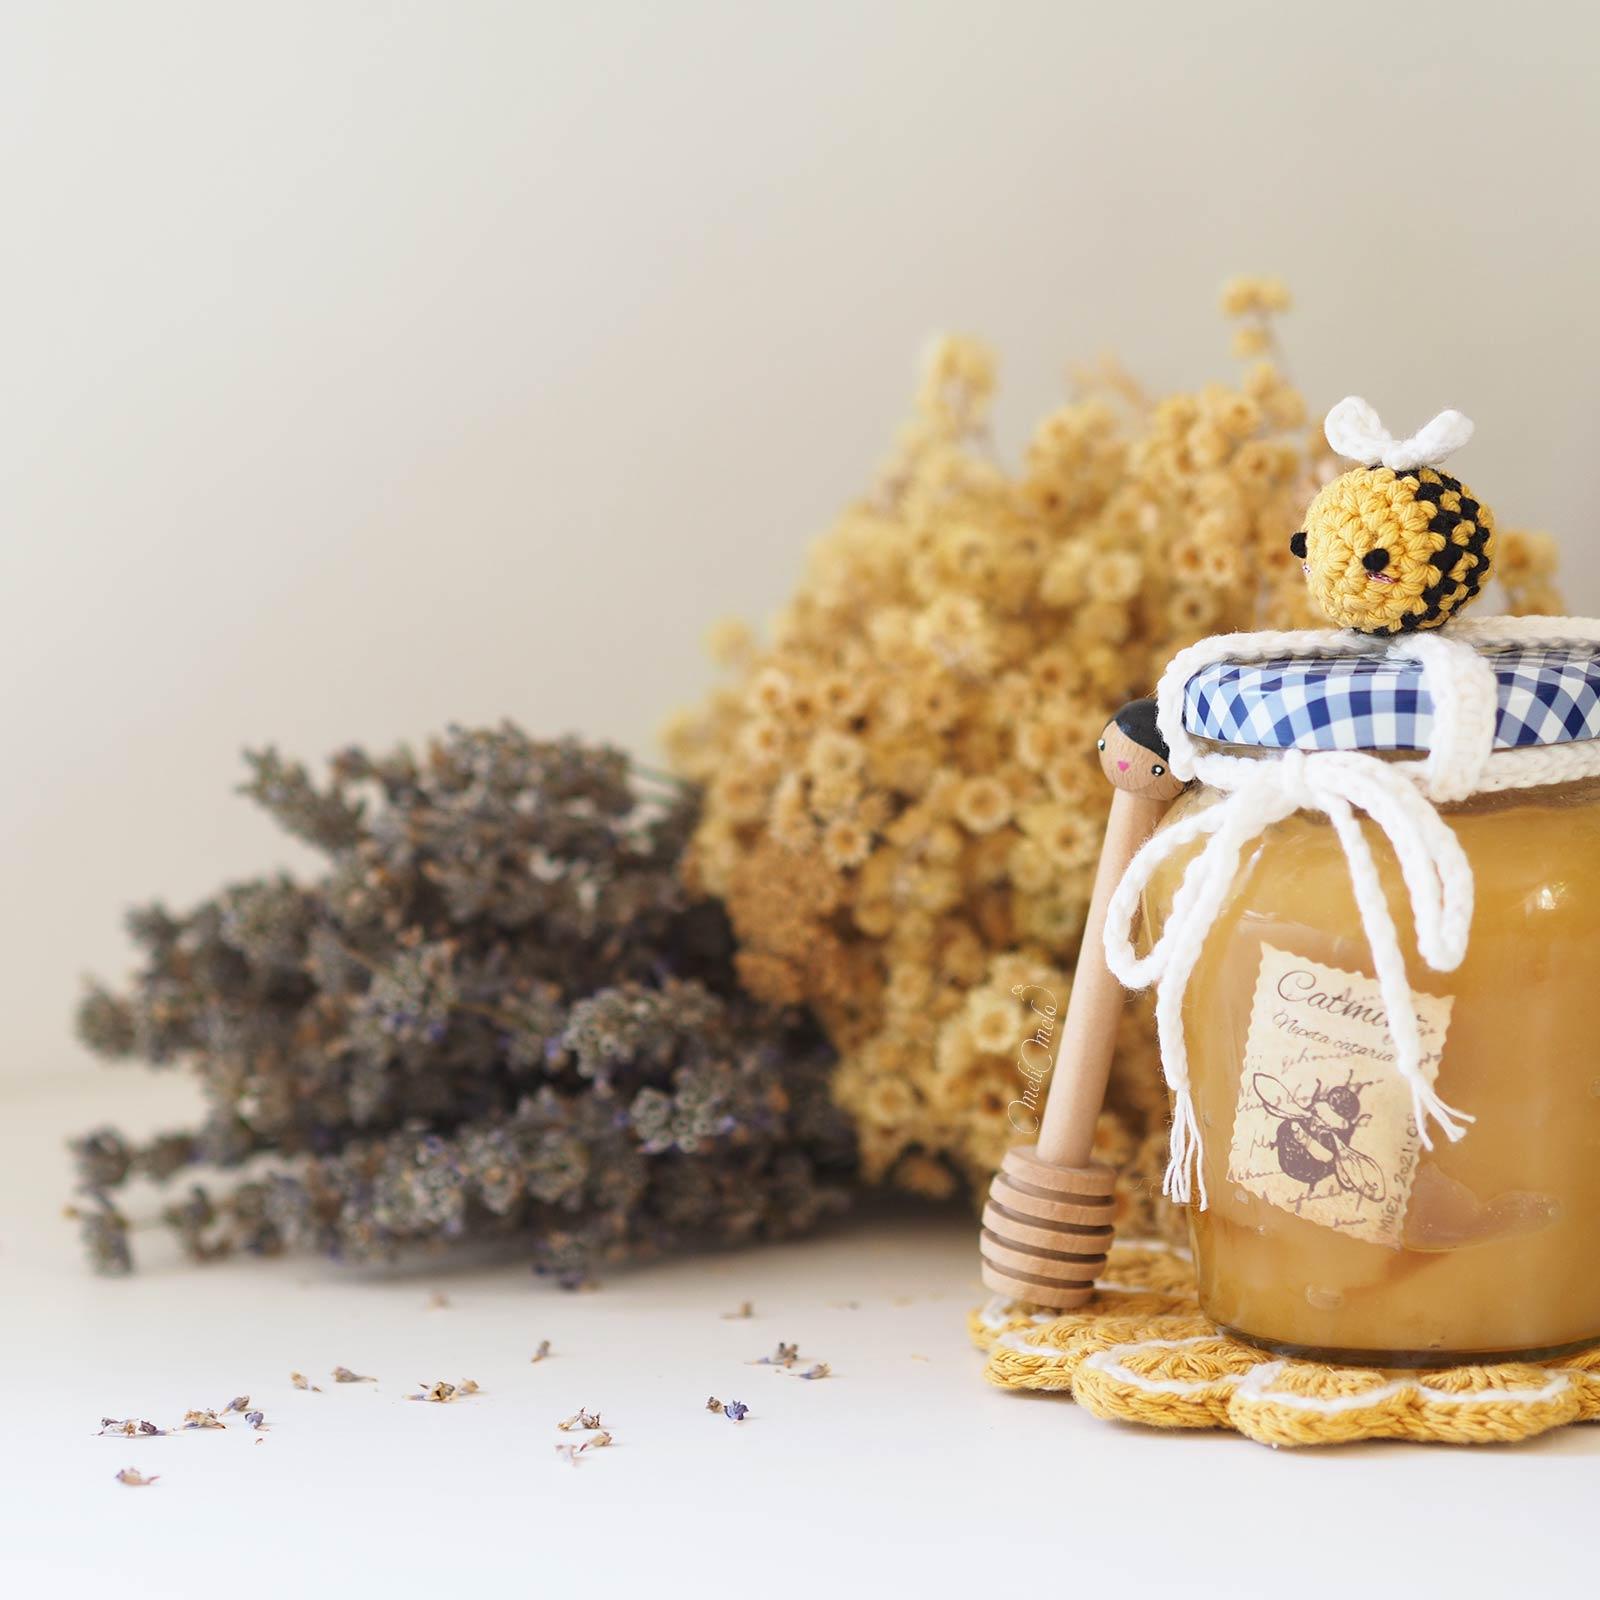 abeille-miel-deco-cuisine-crochet-amigurumi-laboutiquedemelimelo